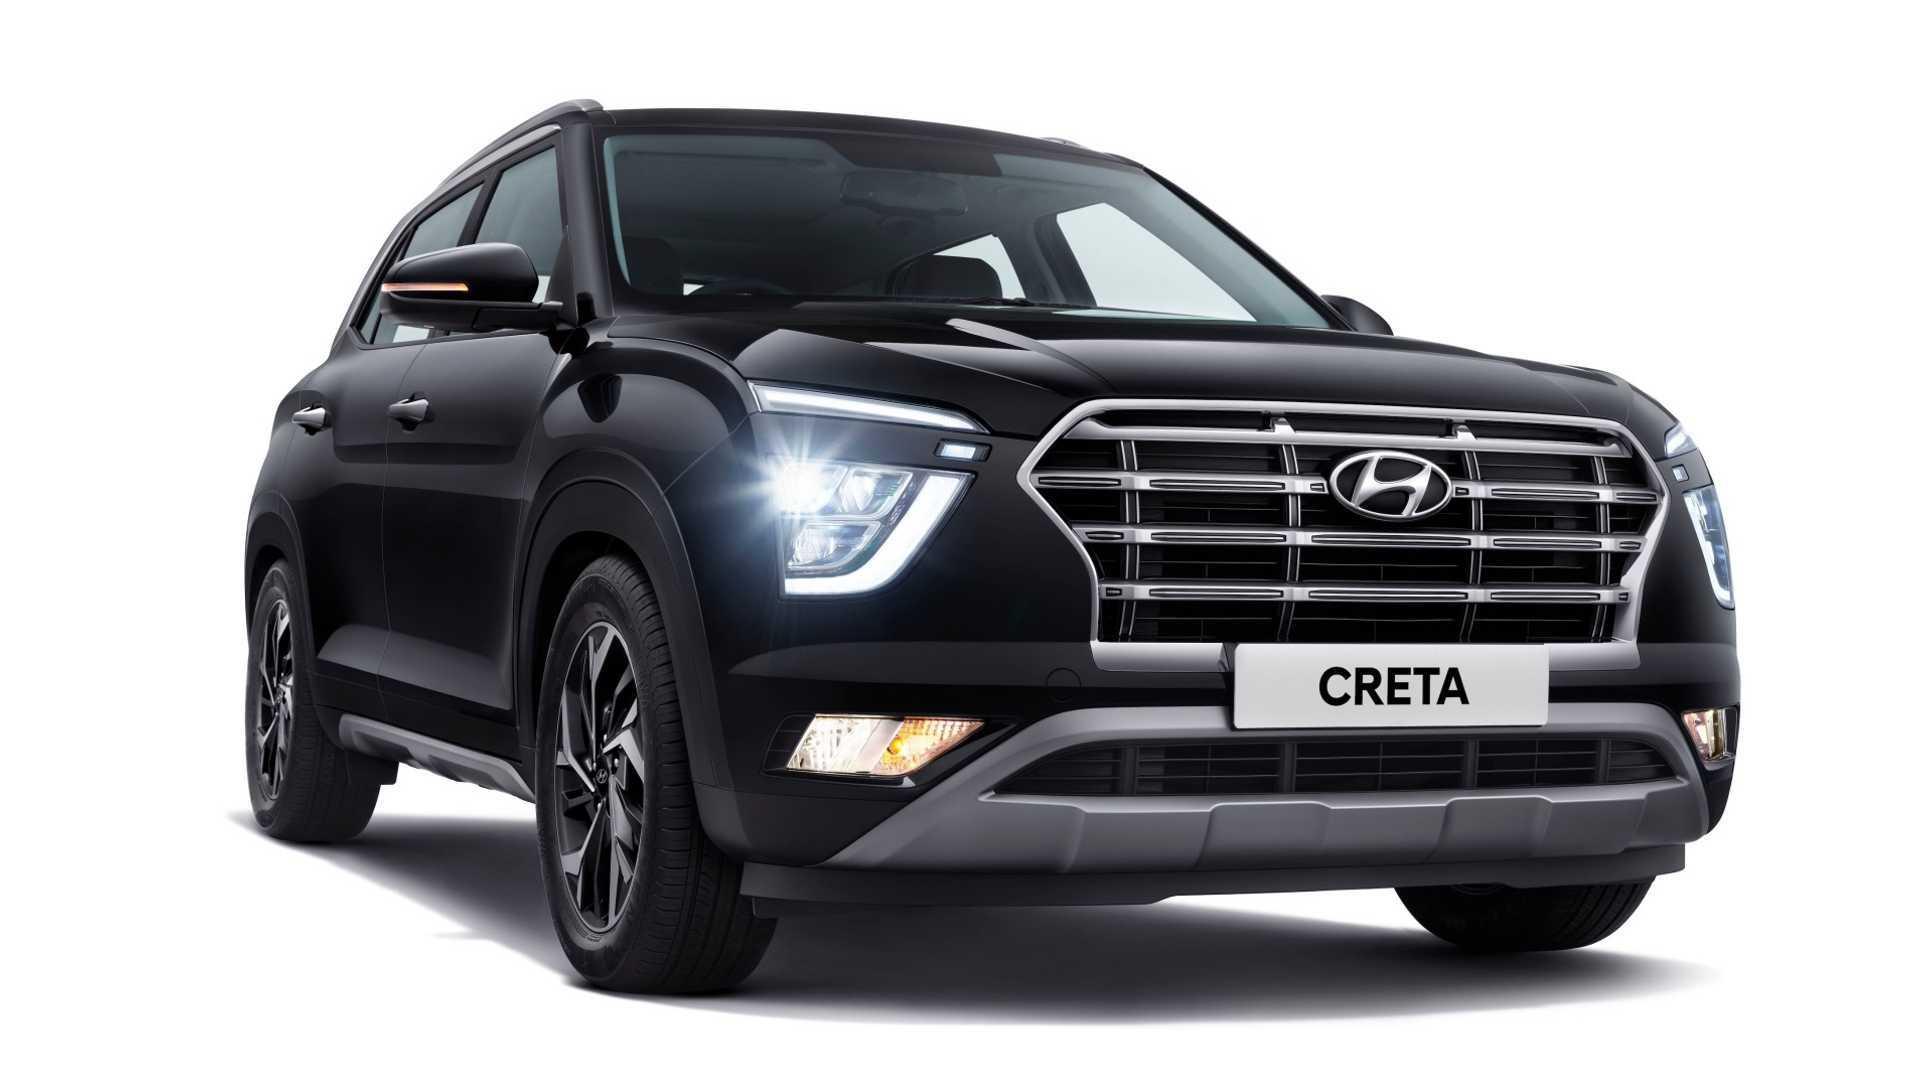 Novo Hyundai Creta Chega A India Com Mesmo Visual Polemico Do Chines